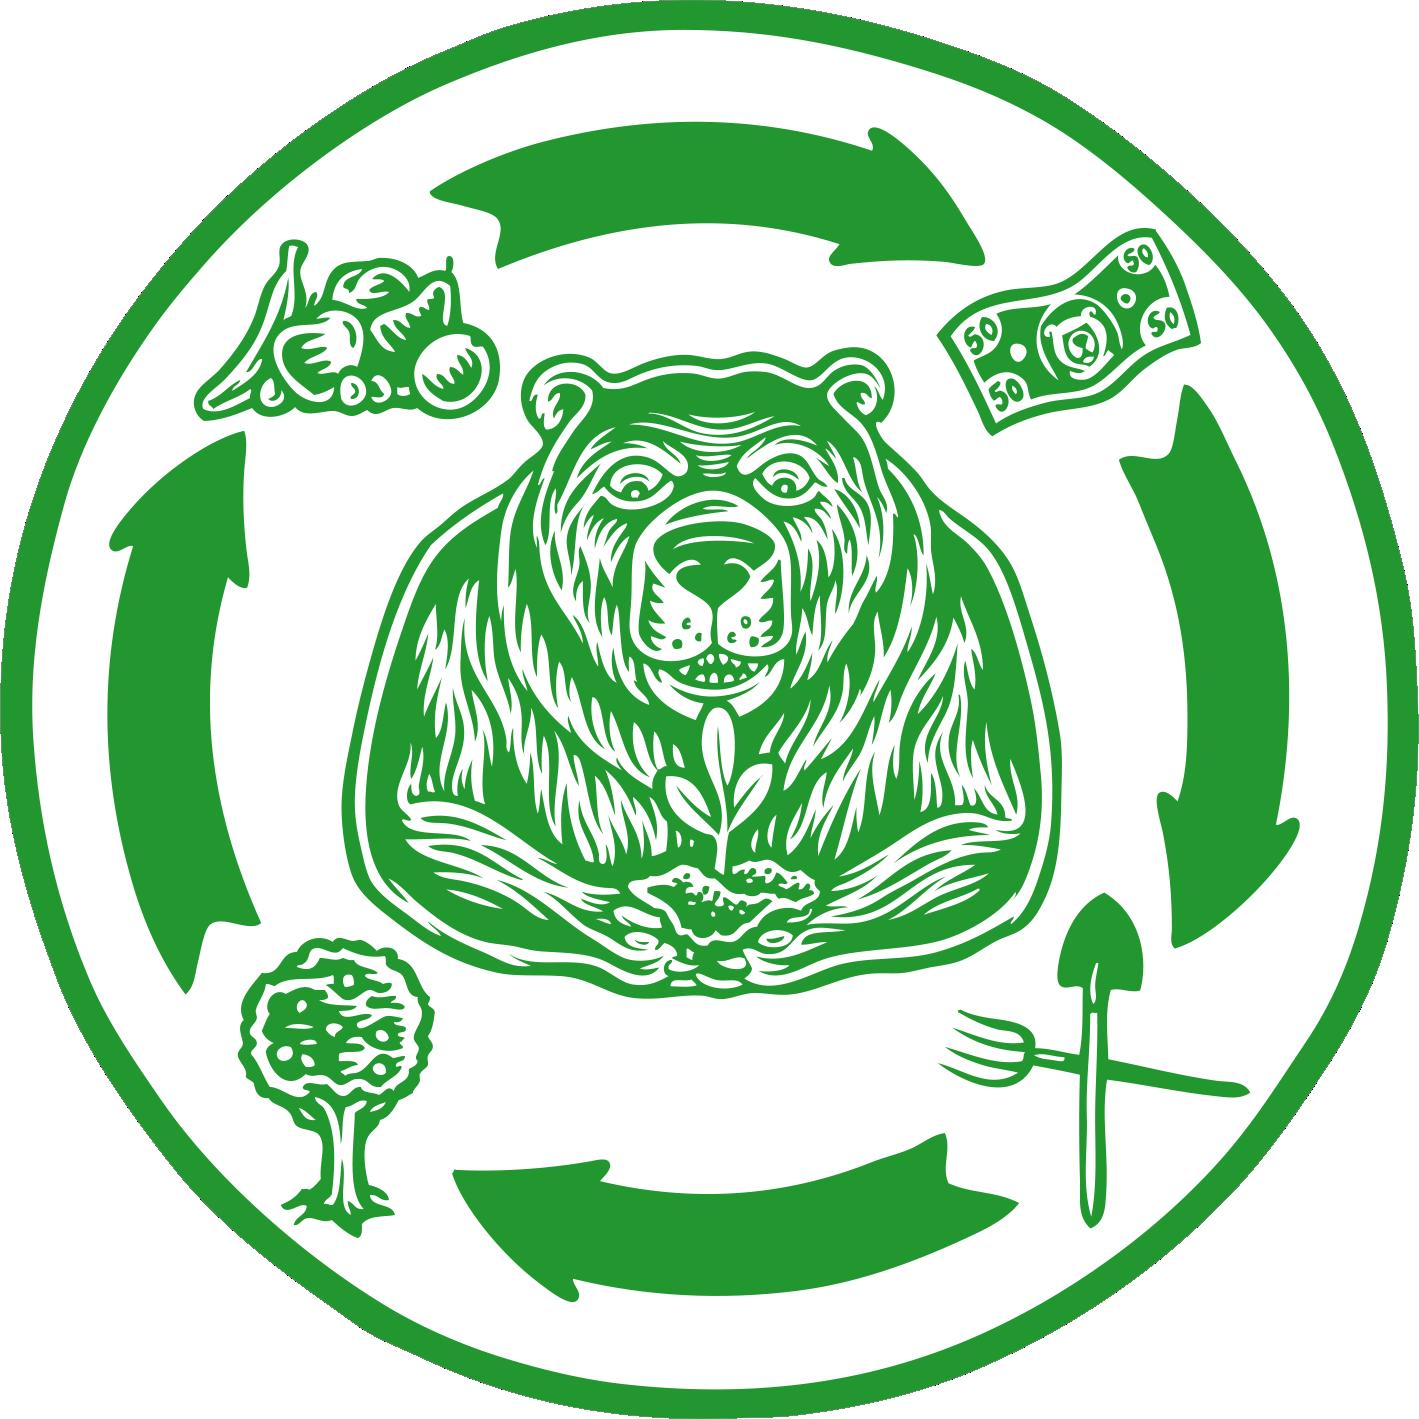 rethinking Community - Buzz mill Forestry foundation